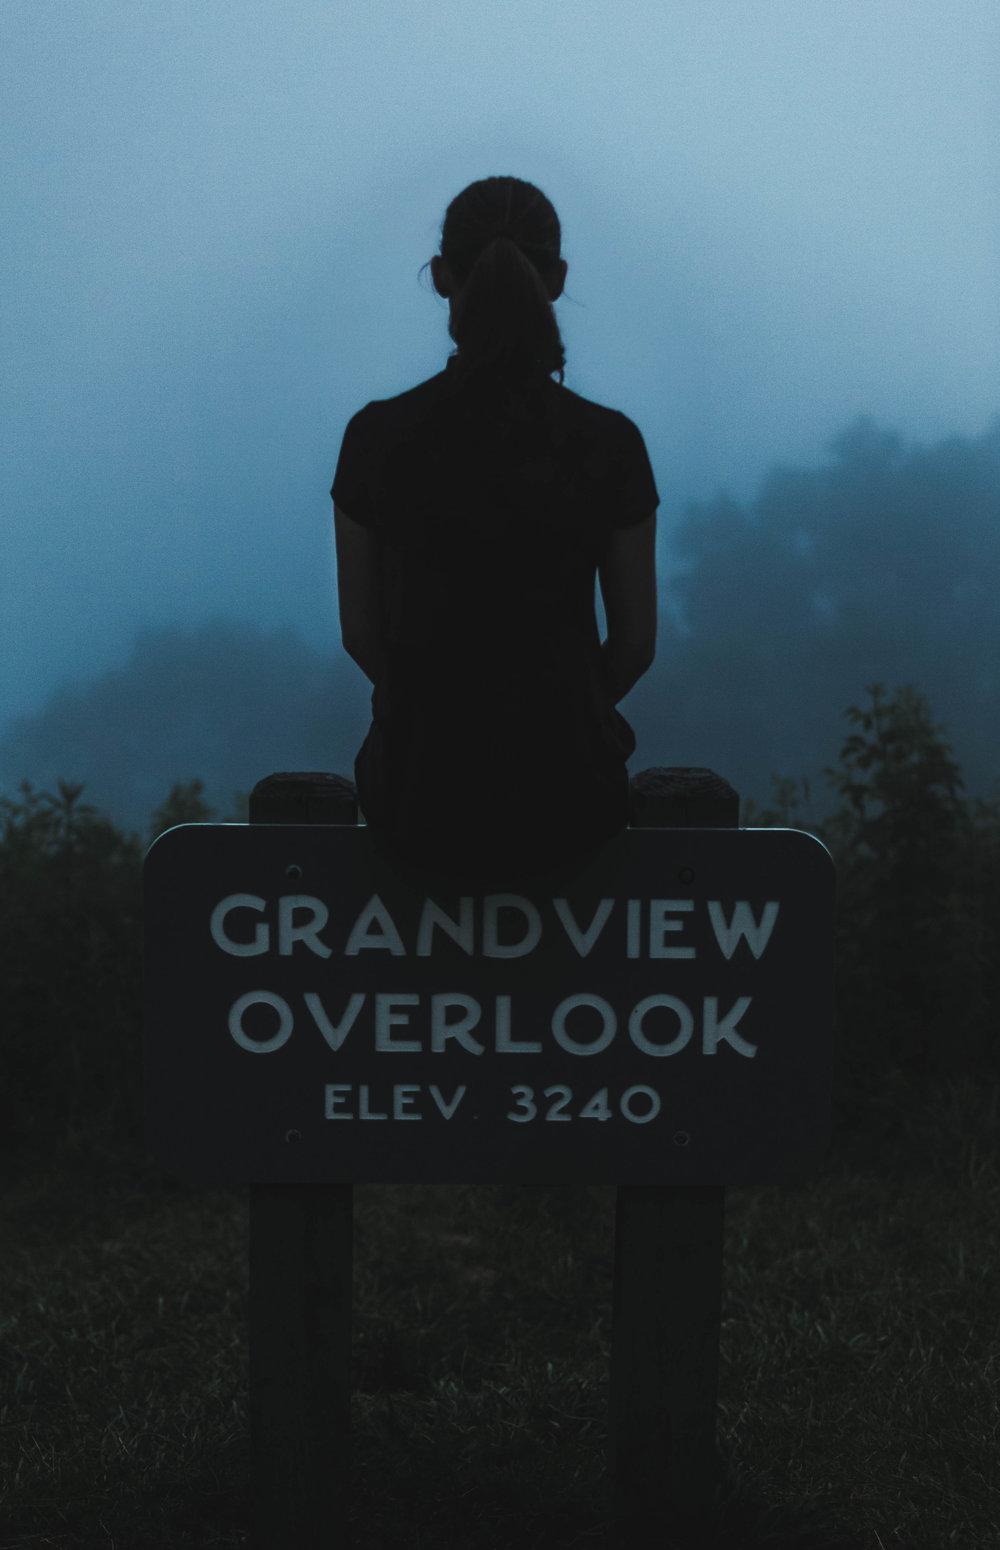 Grandview Overlook - Boone, NC